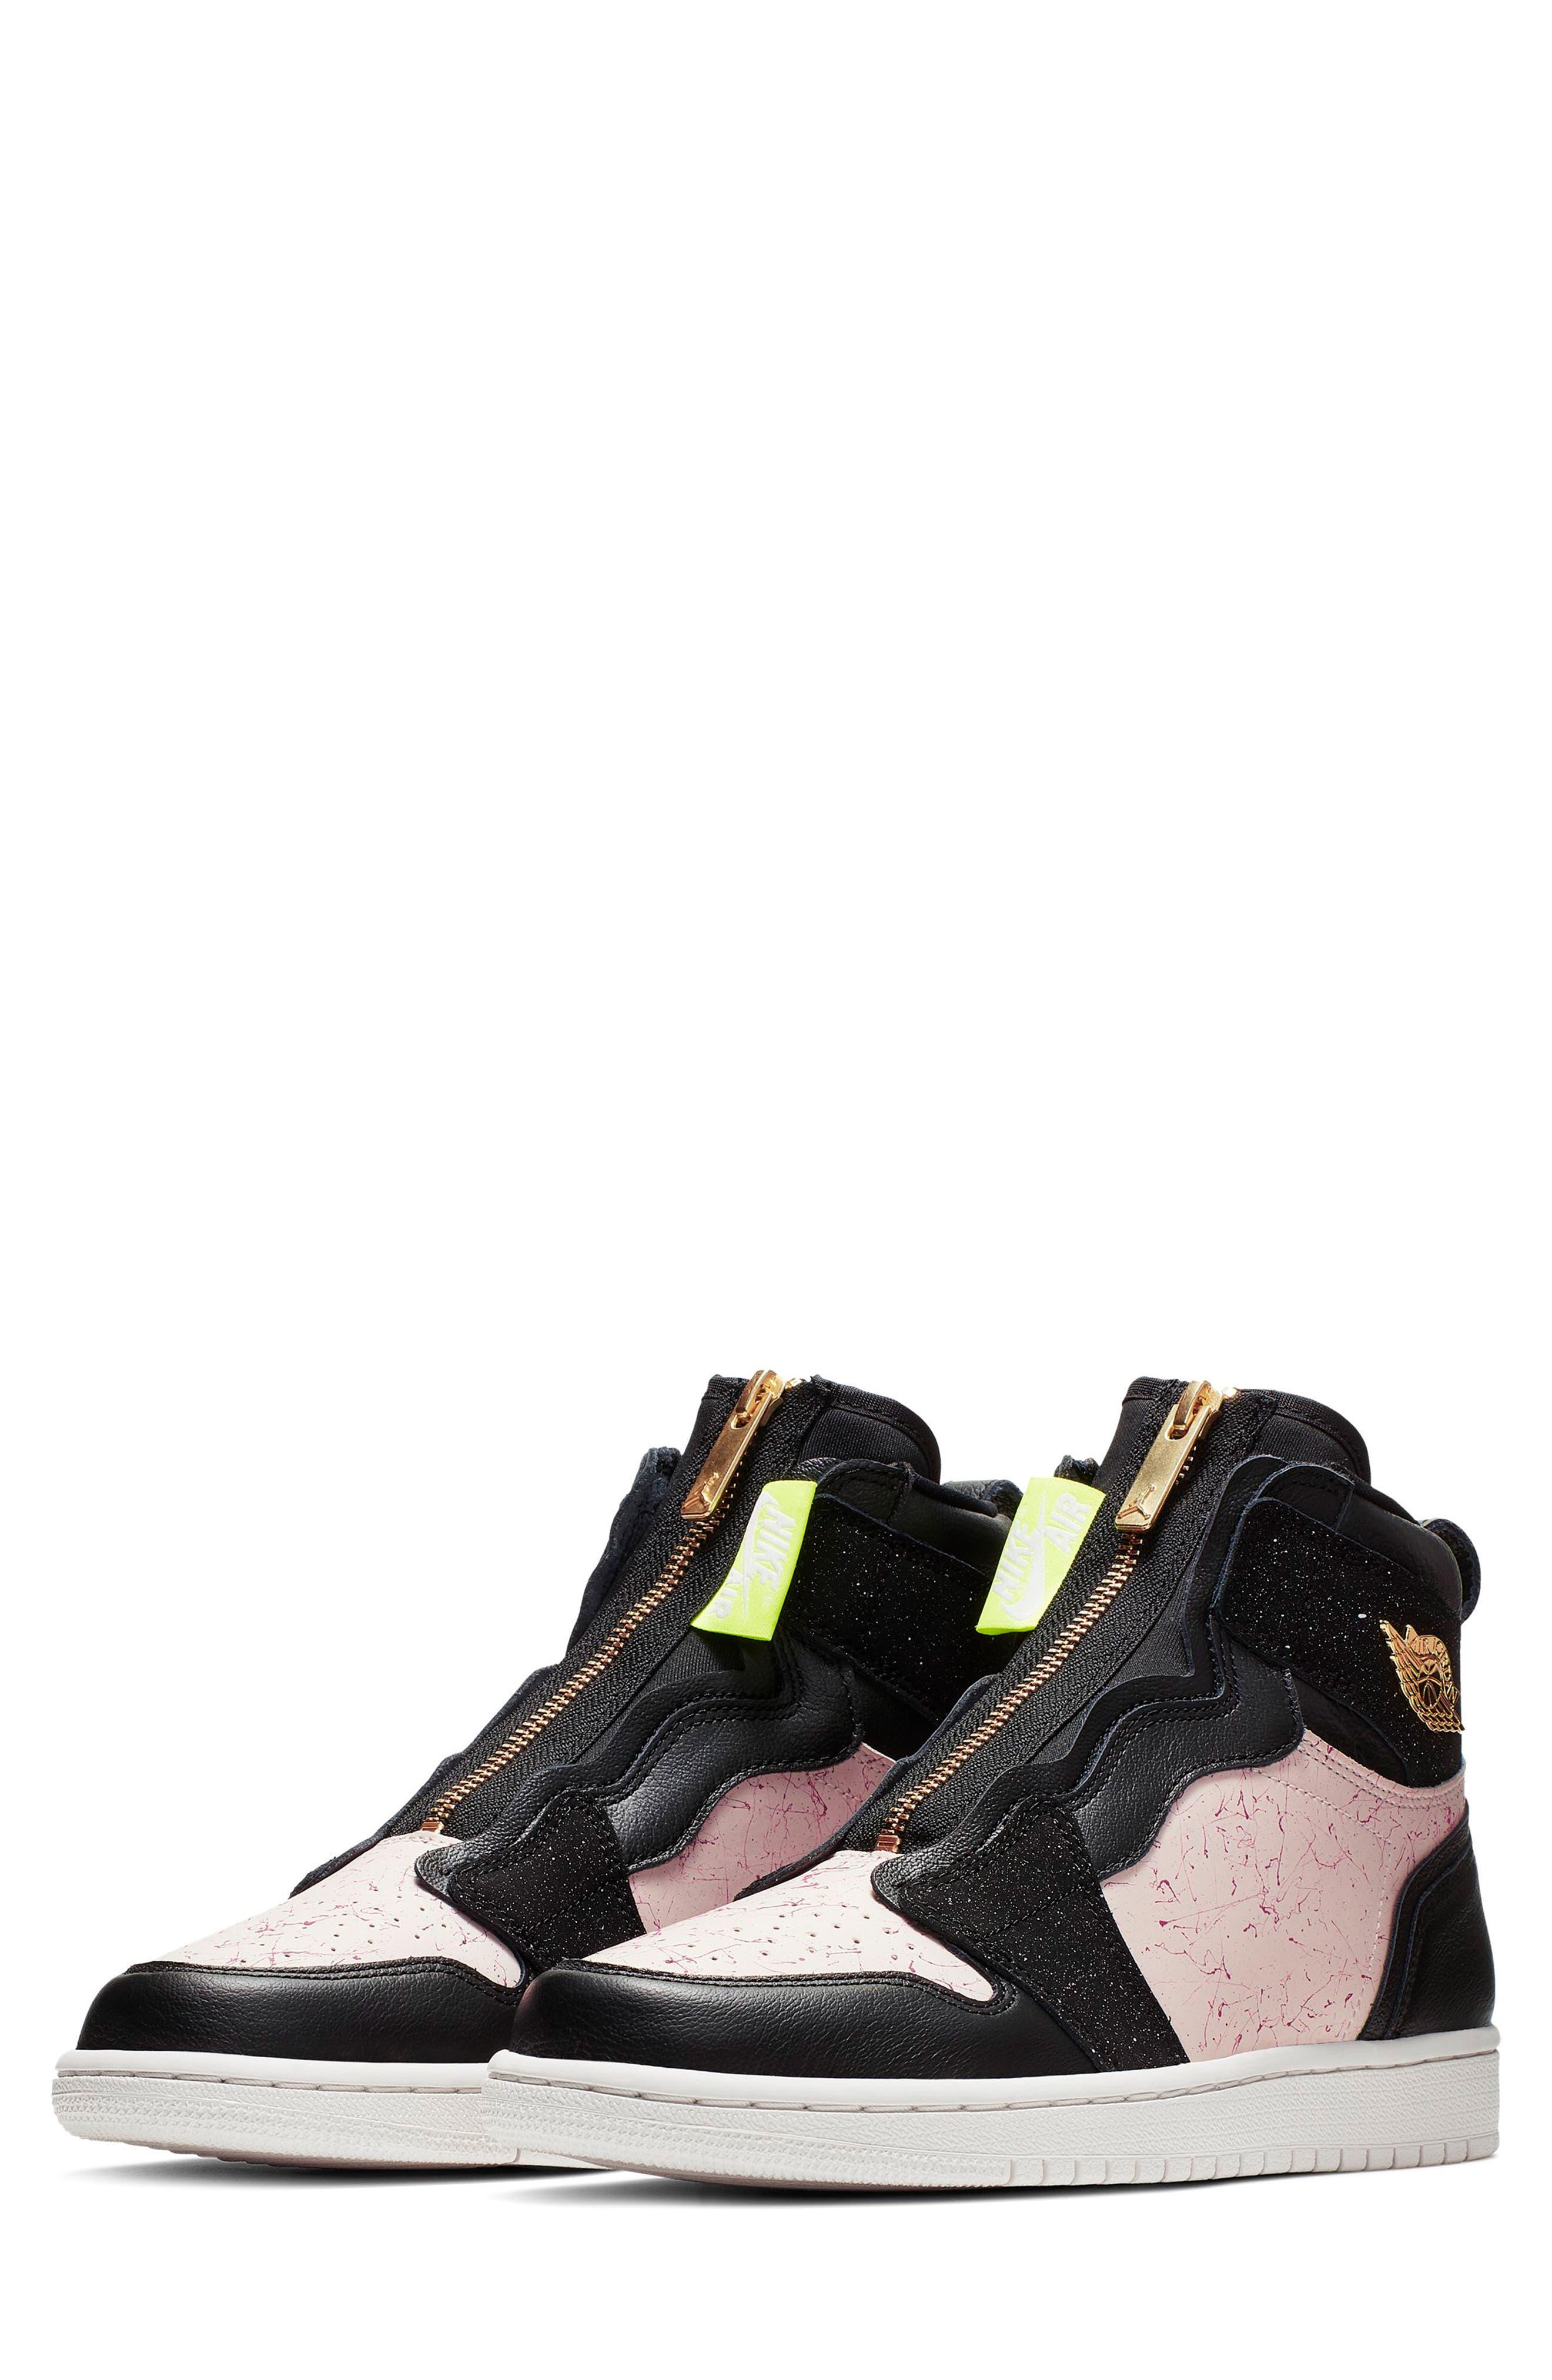 NIKE Air Jordan 1 Zip High Top Sneakers, Main, color, BLACK/ GOLD/ PHANTOM/ RED